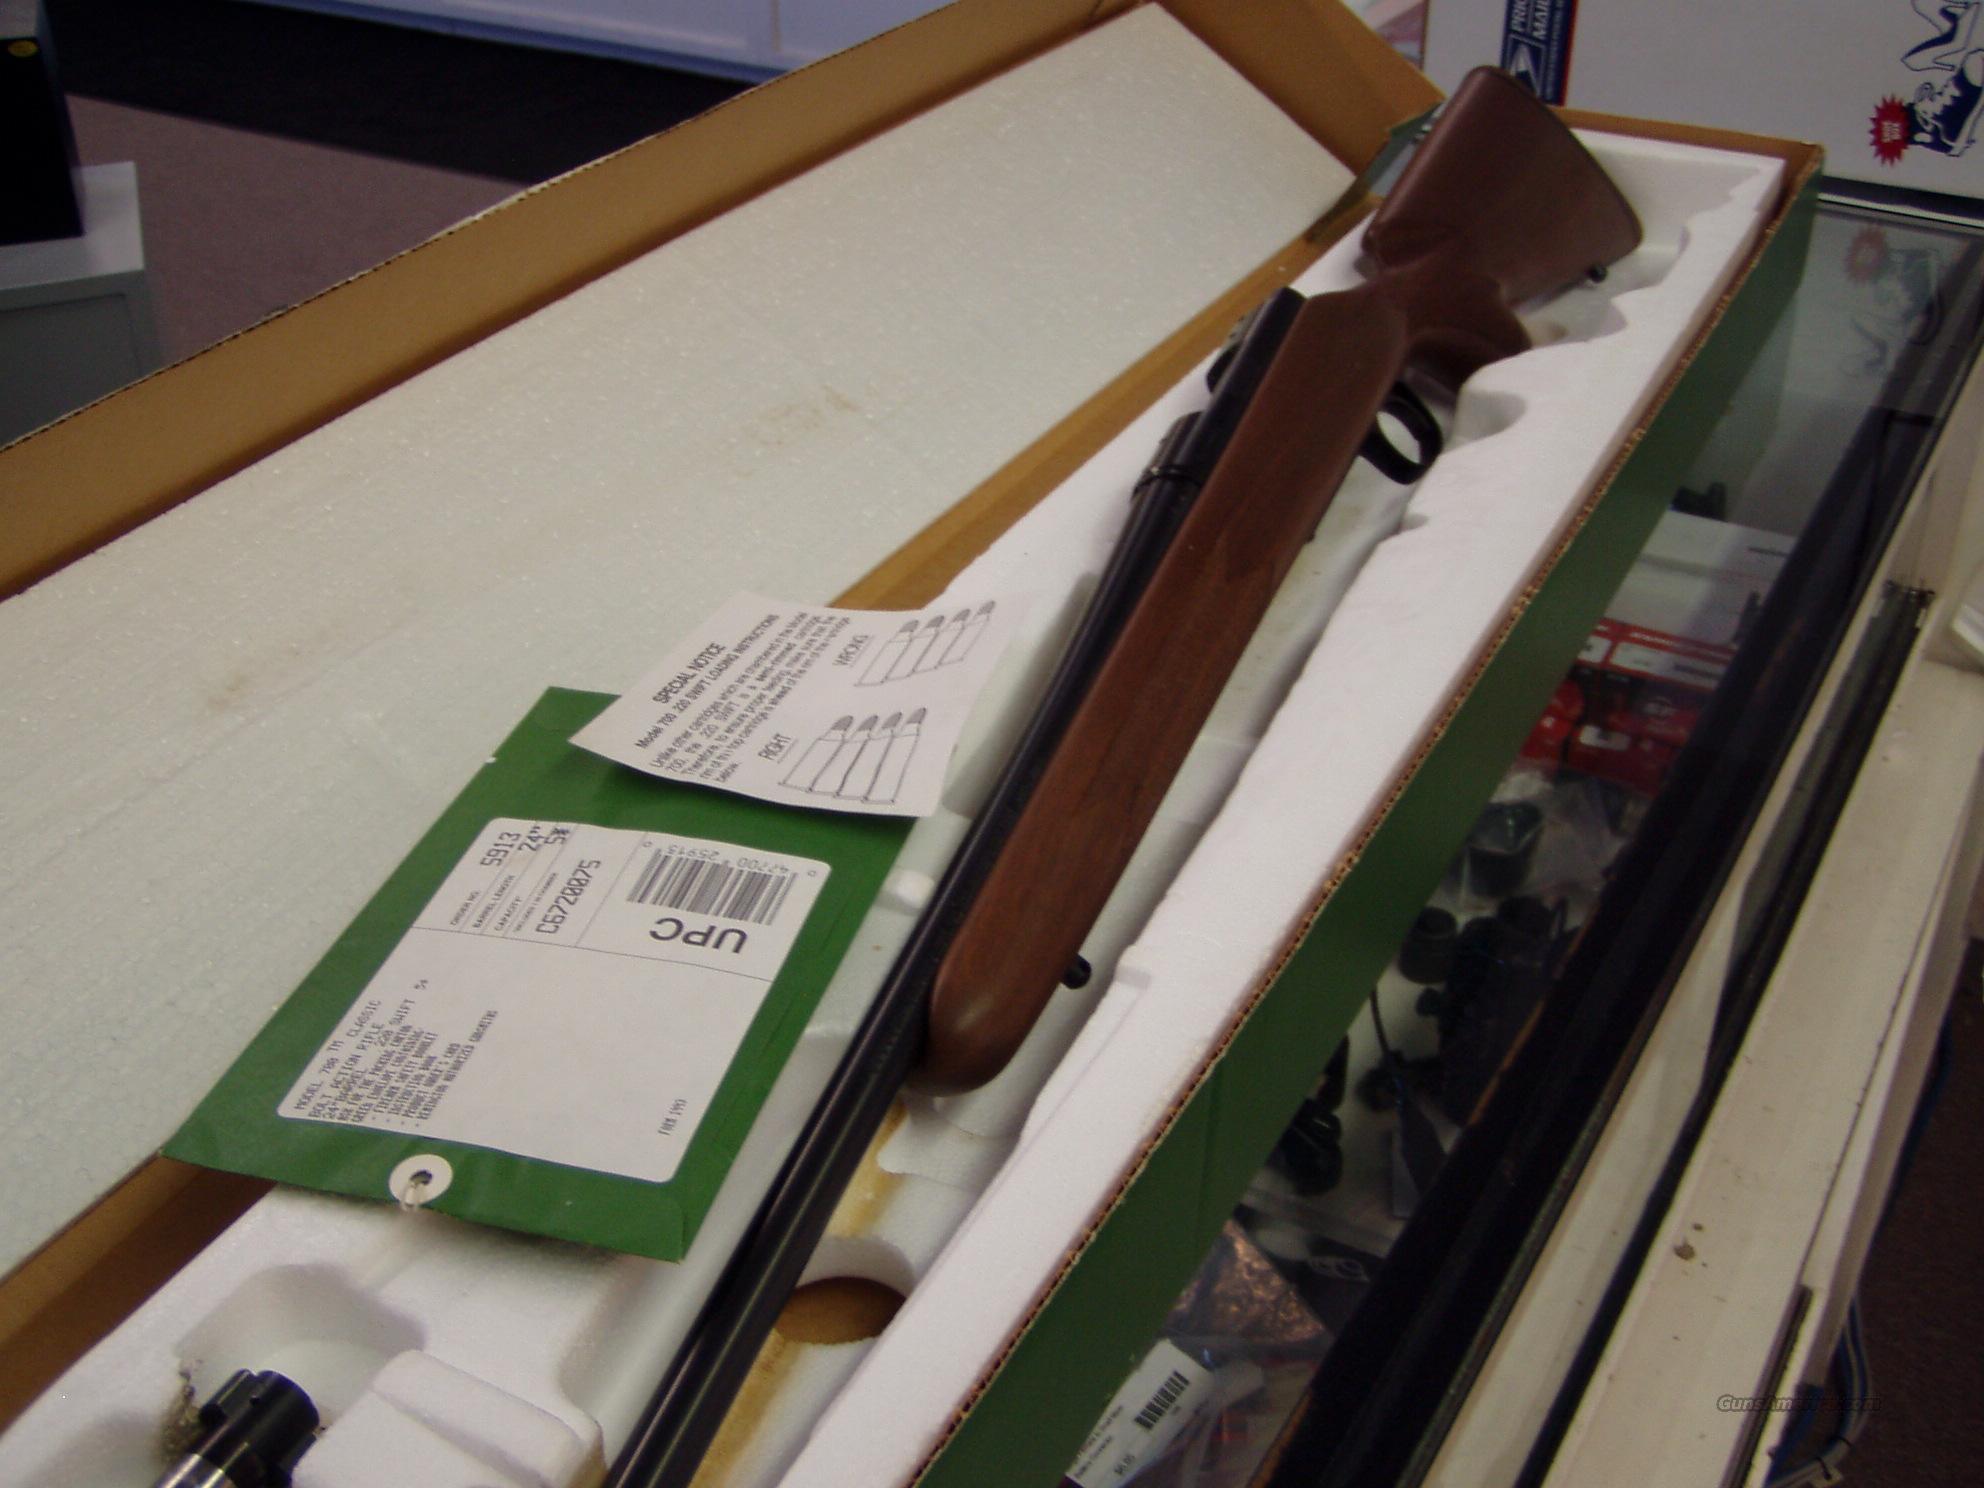 Remington 700 220 Sw  Guns > Rifles > Remington Rifles - Modern > Model 700 > Sporting